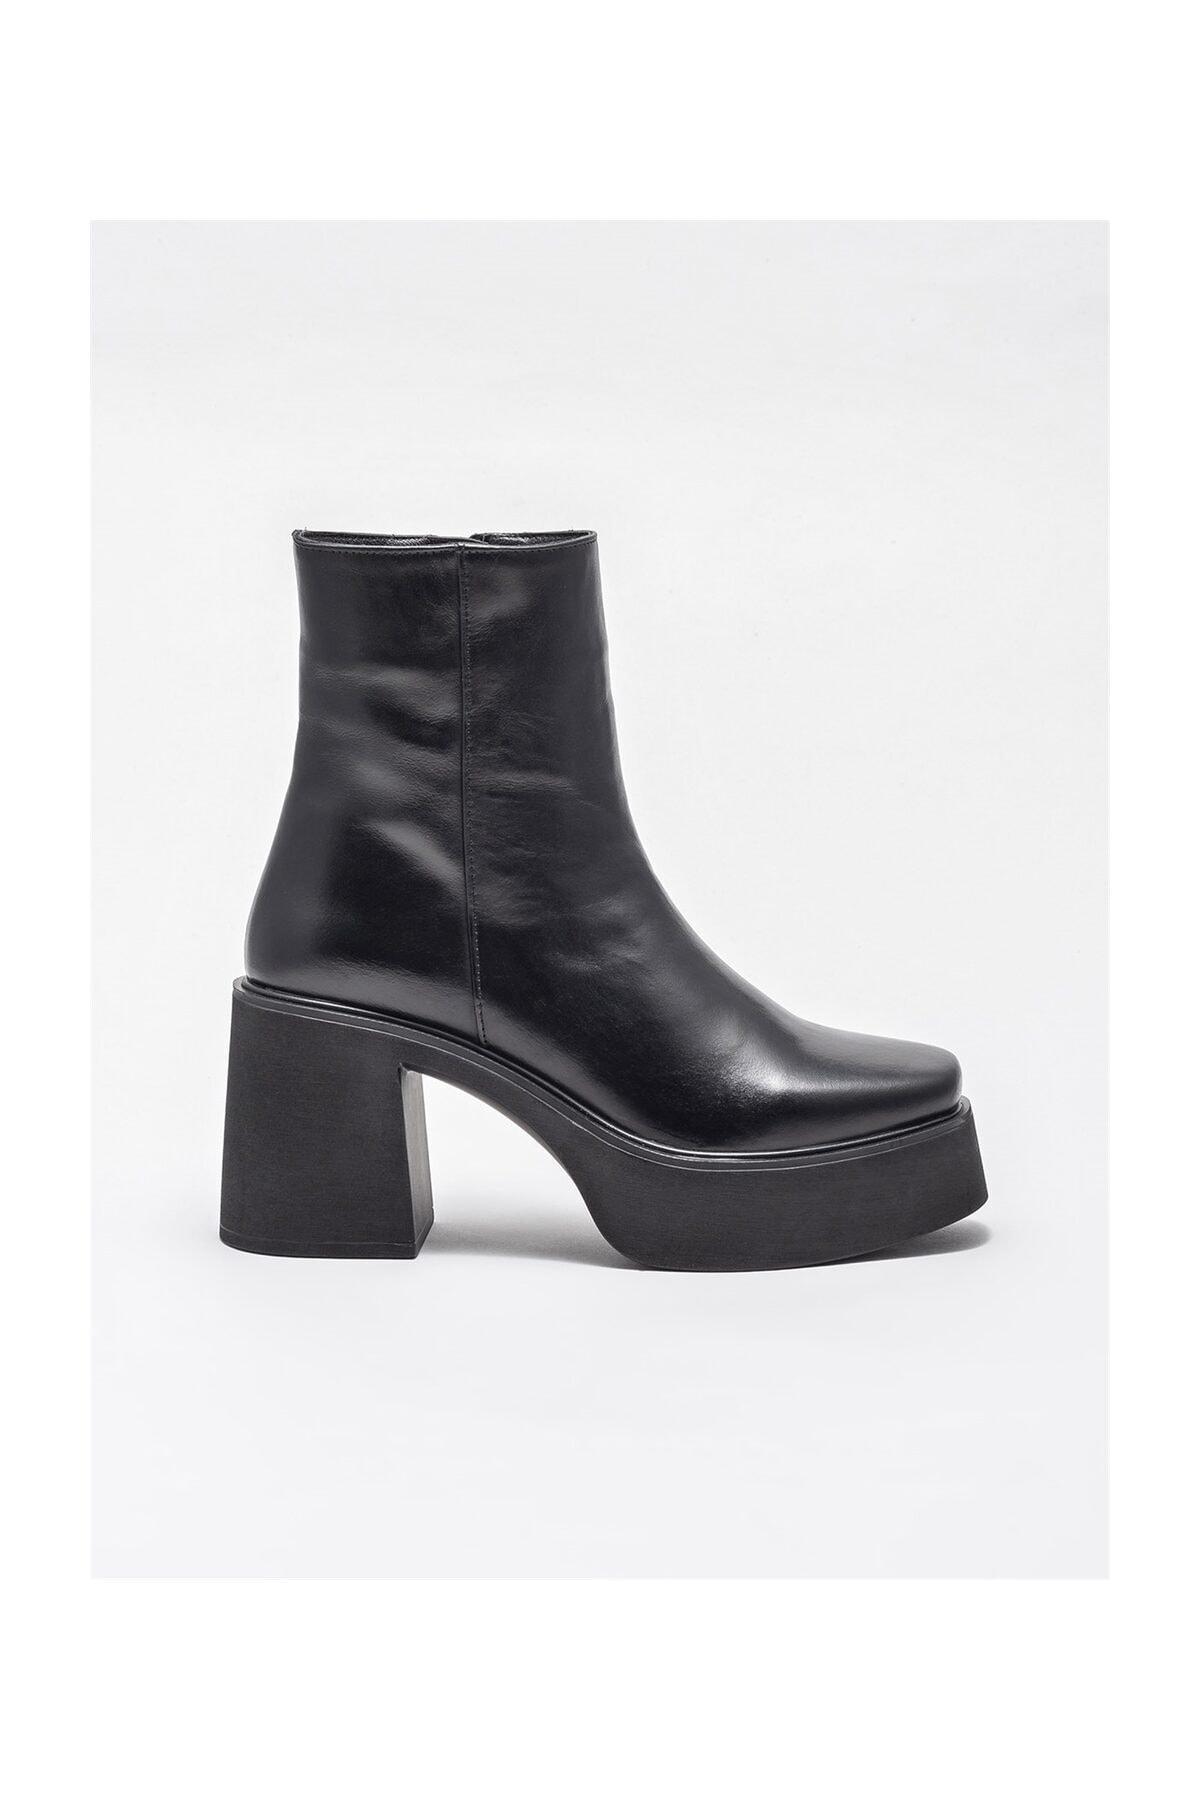 Elle Shoes Kadın Bot & Bootie 20KRE20K-4301 1